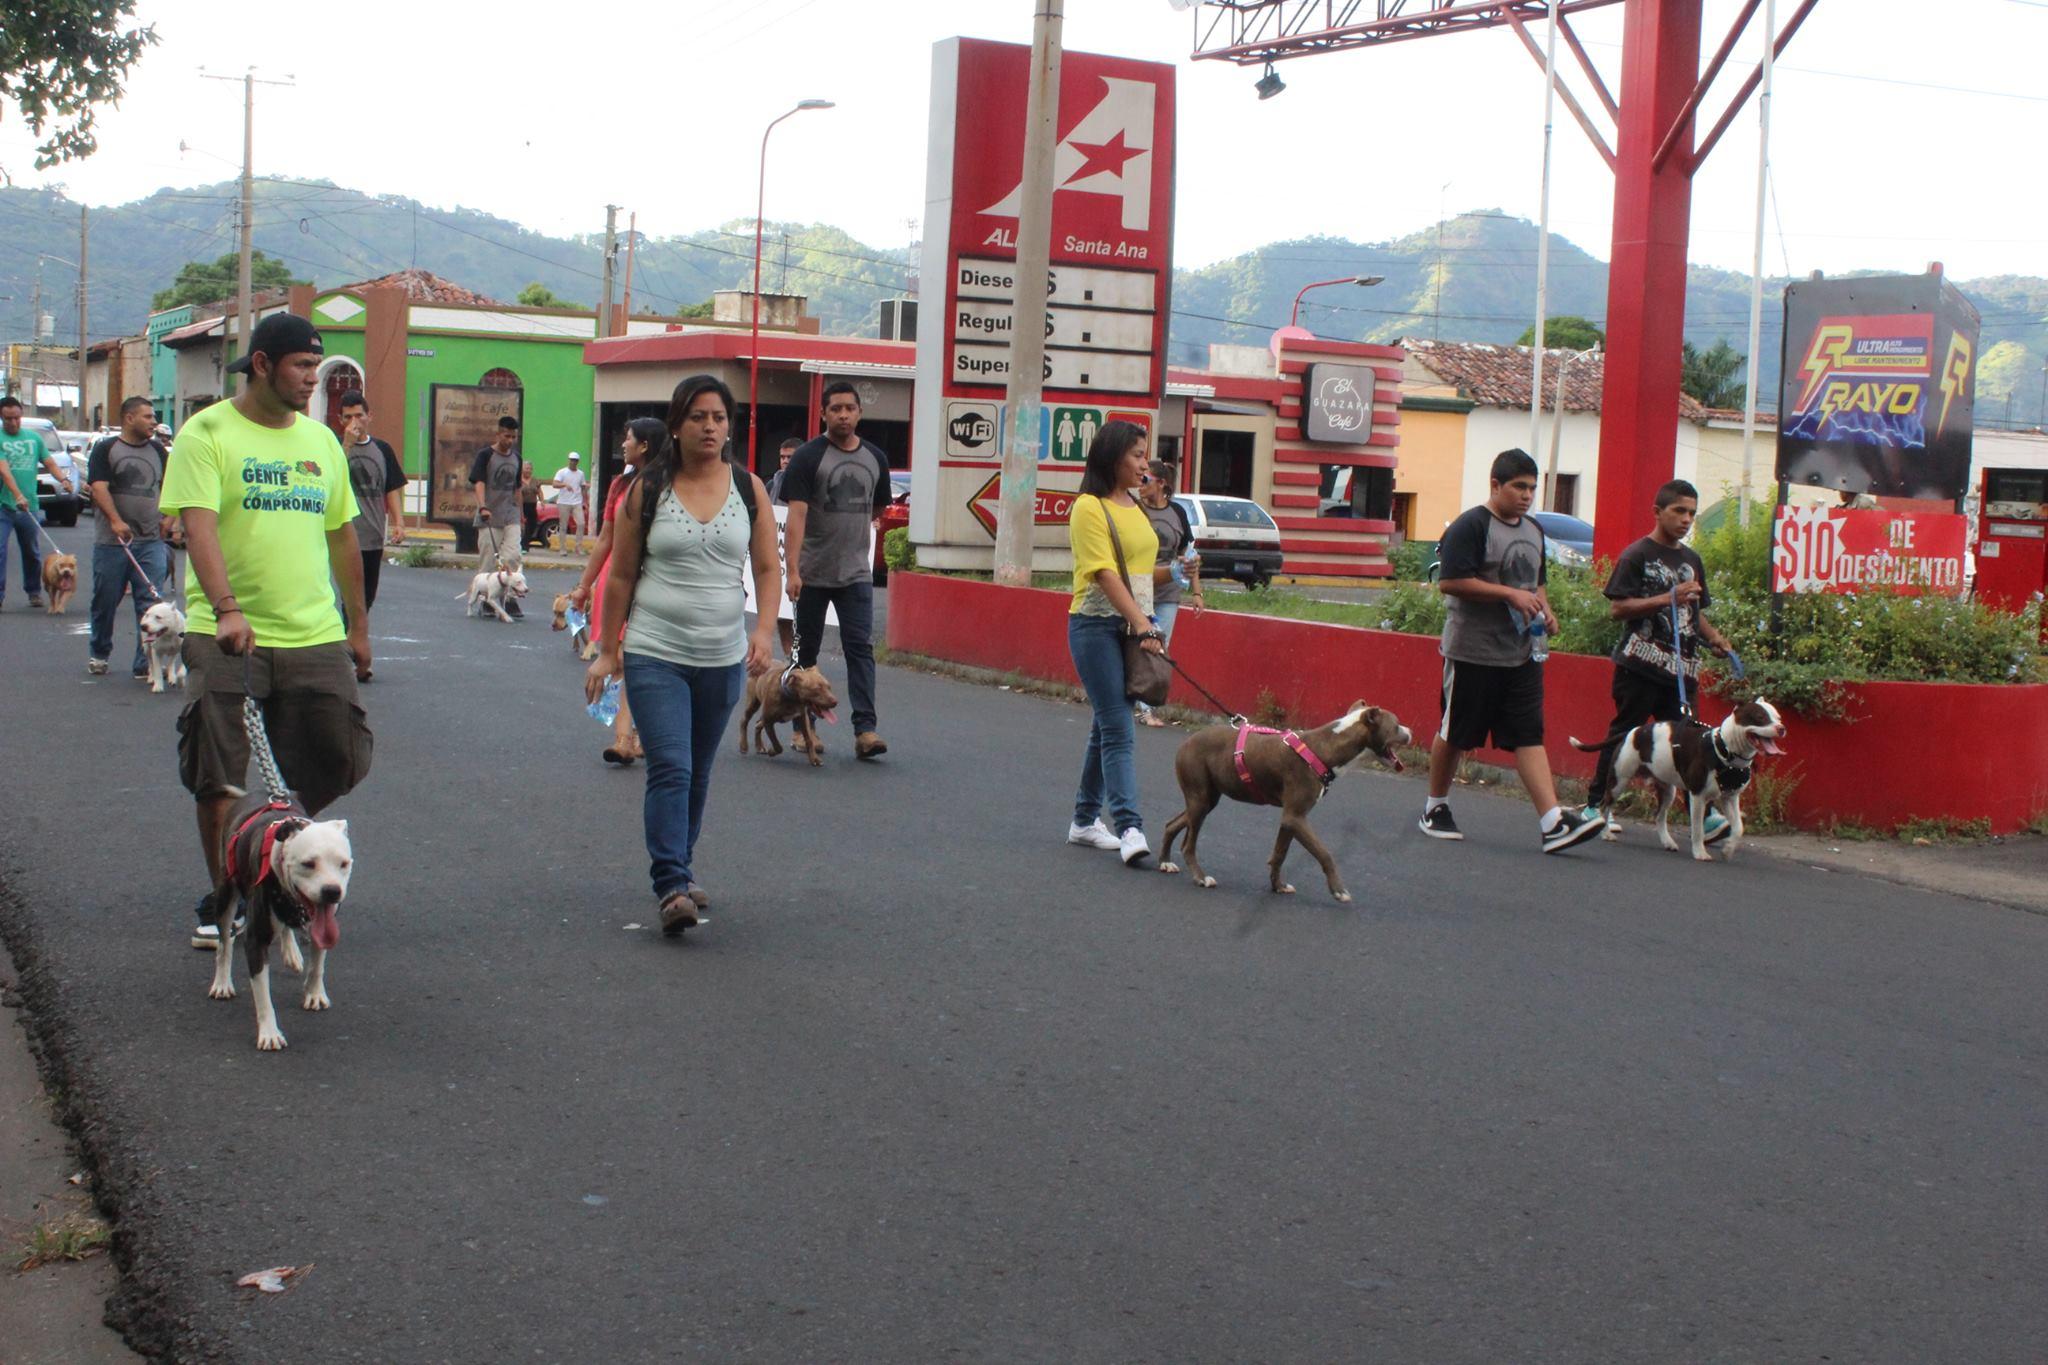 Huellitas Santa Ana realiza caminata para concientizar a la ciudadanía sobre el cuidado que merecen los animales